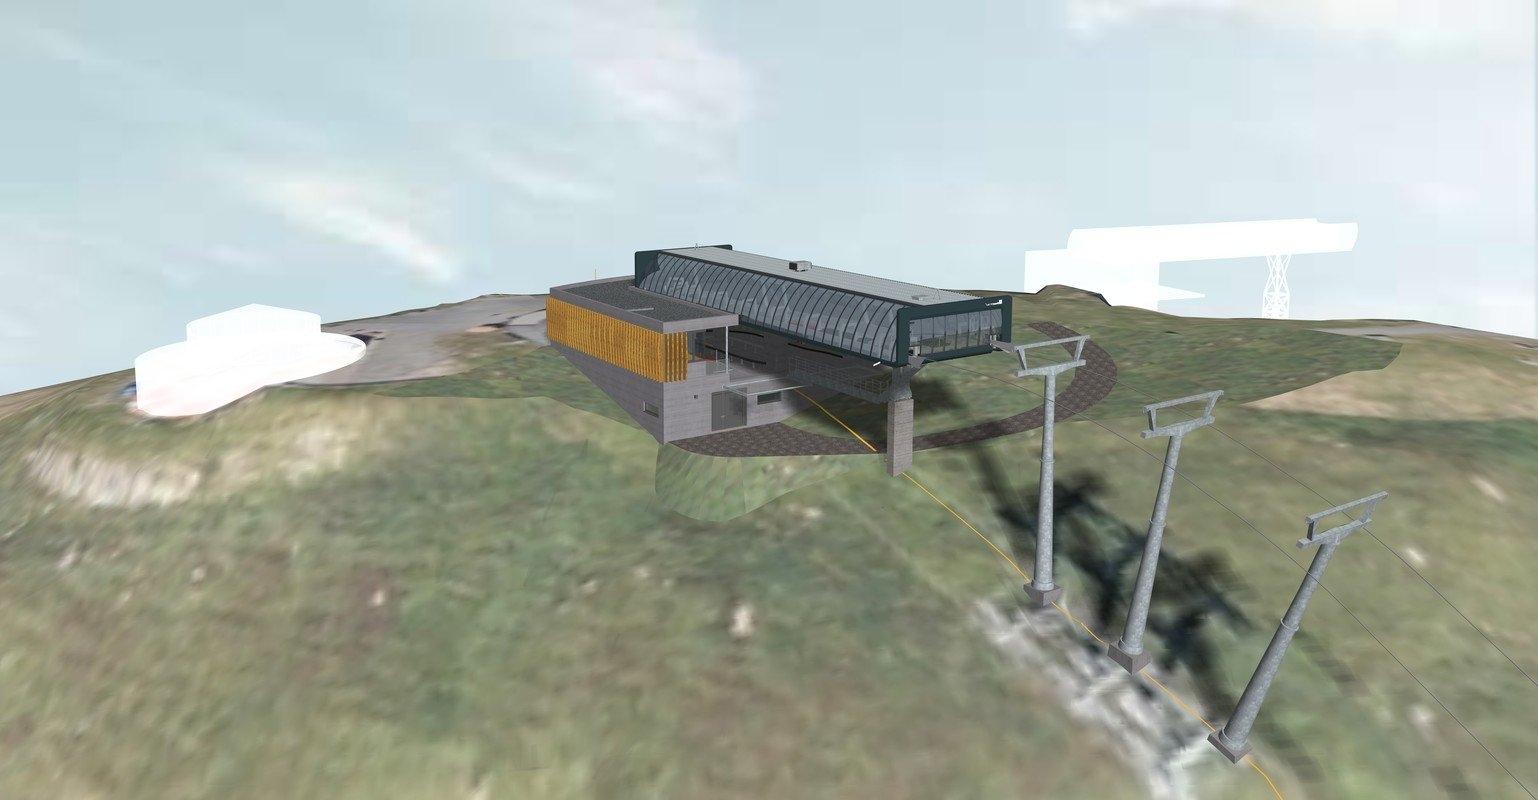 12er kogelbahn - Bergstation